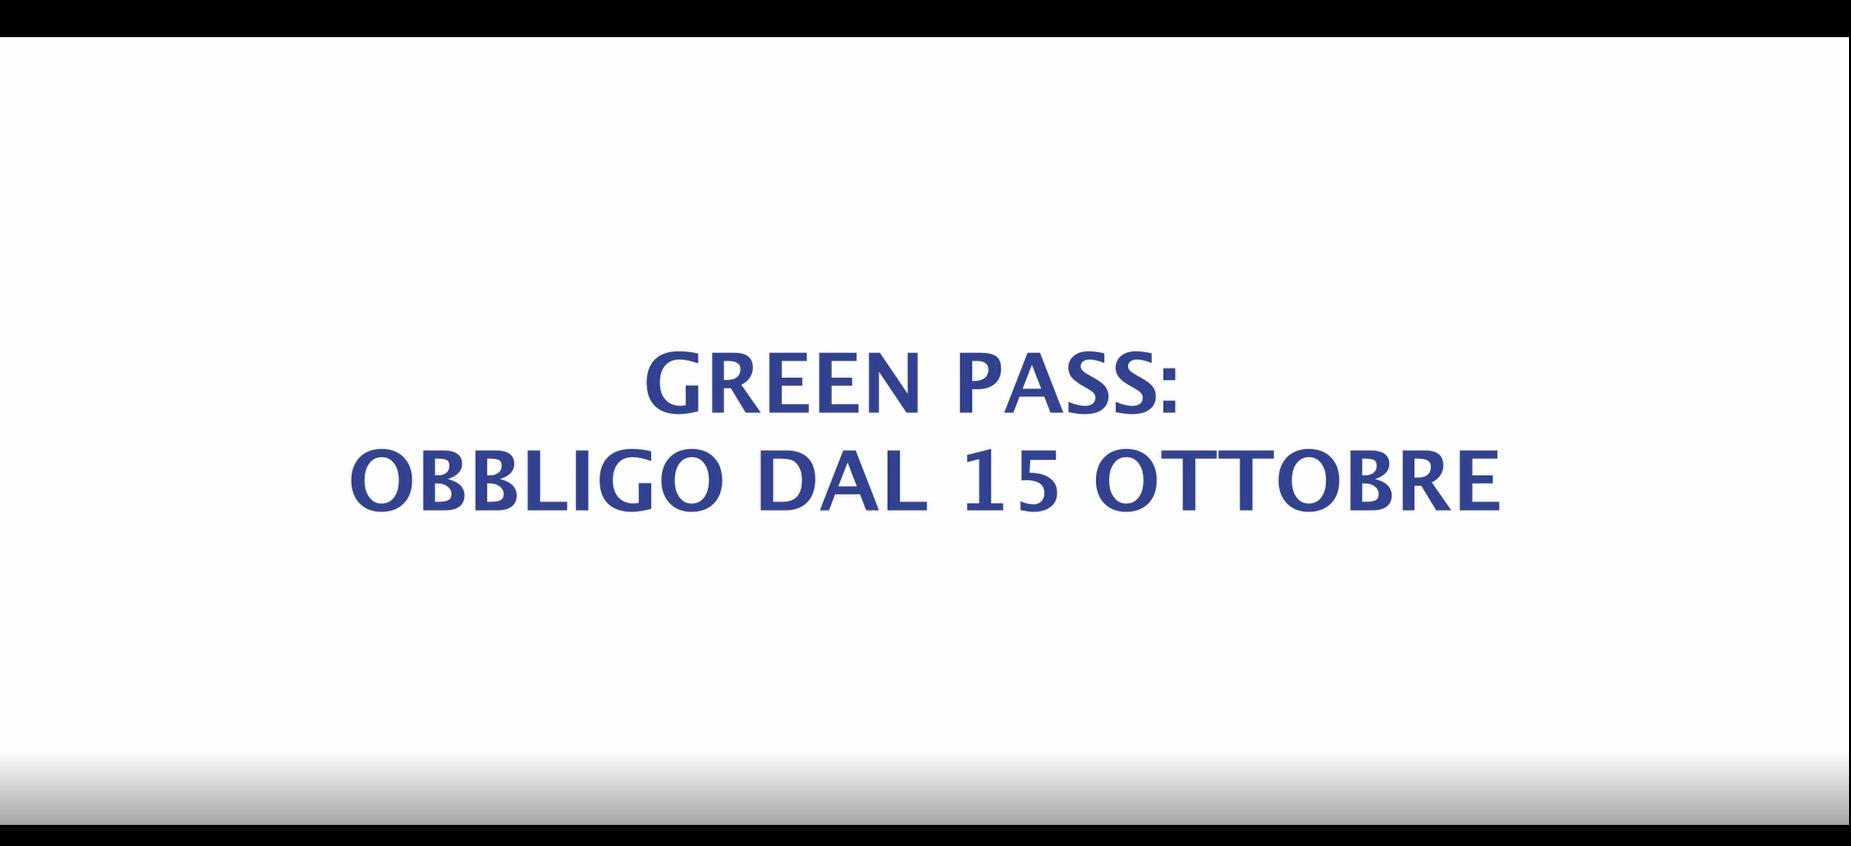 GREEN PASS: OBBLIGO DAL 15 OTTOBRE